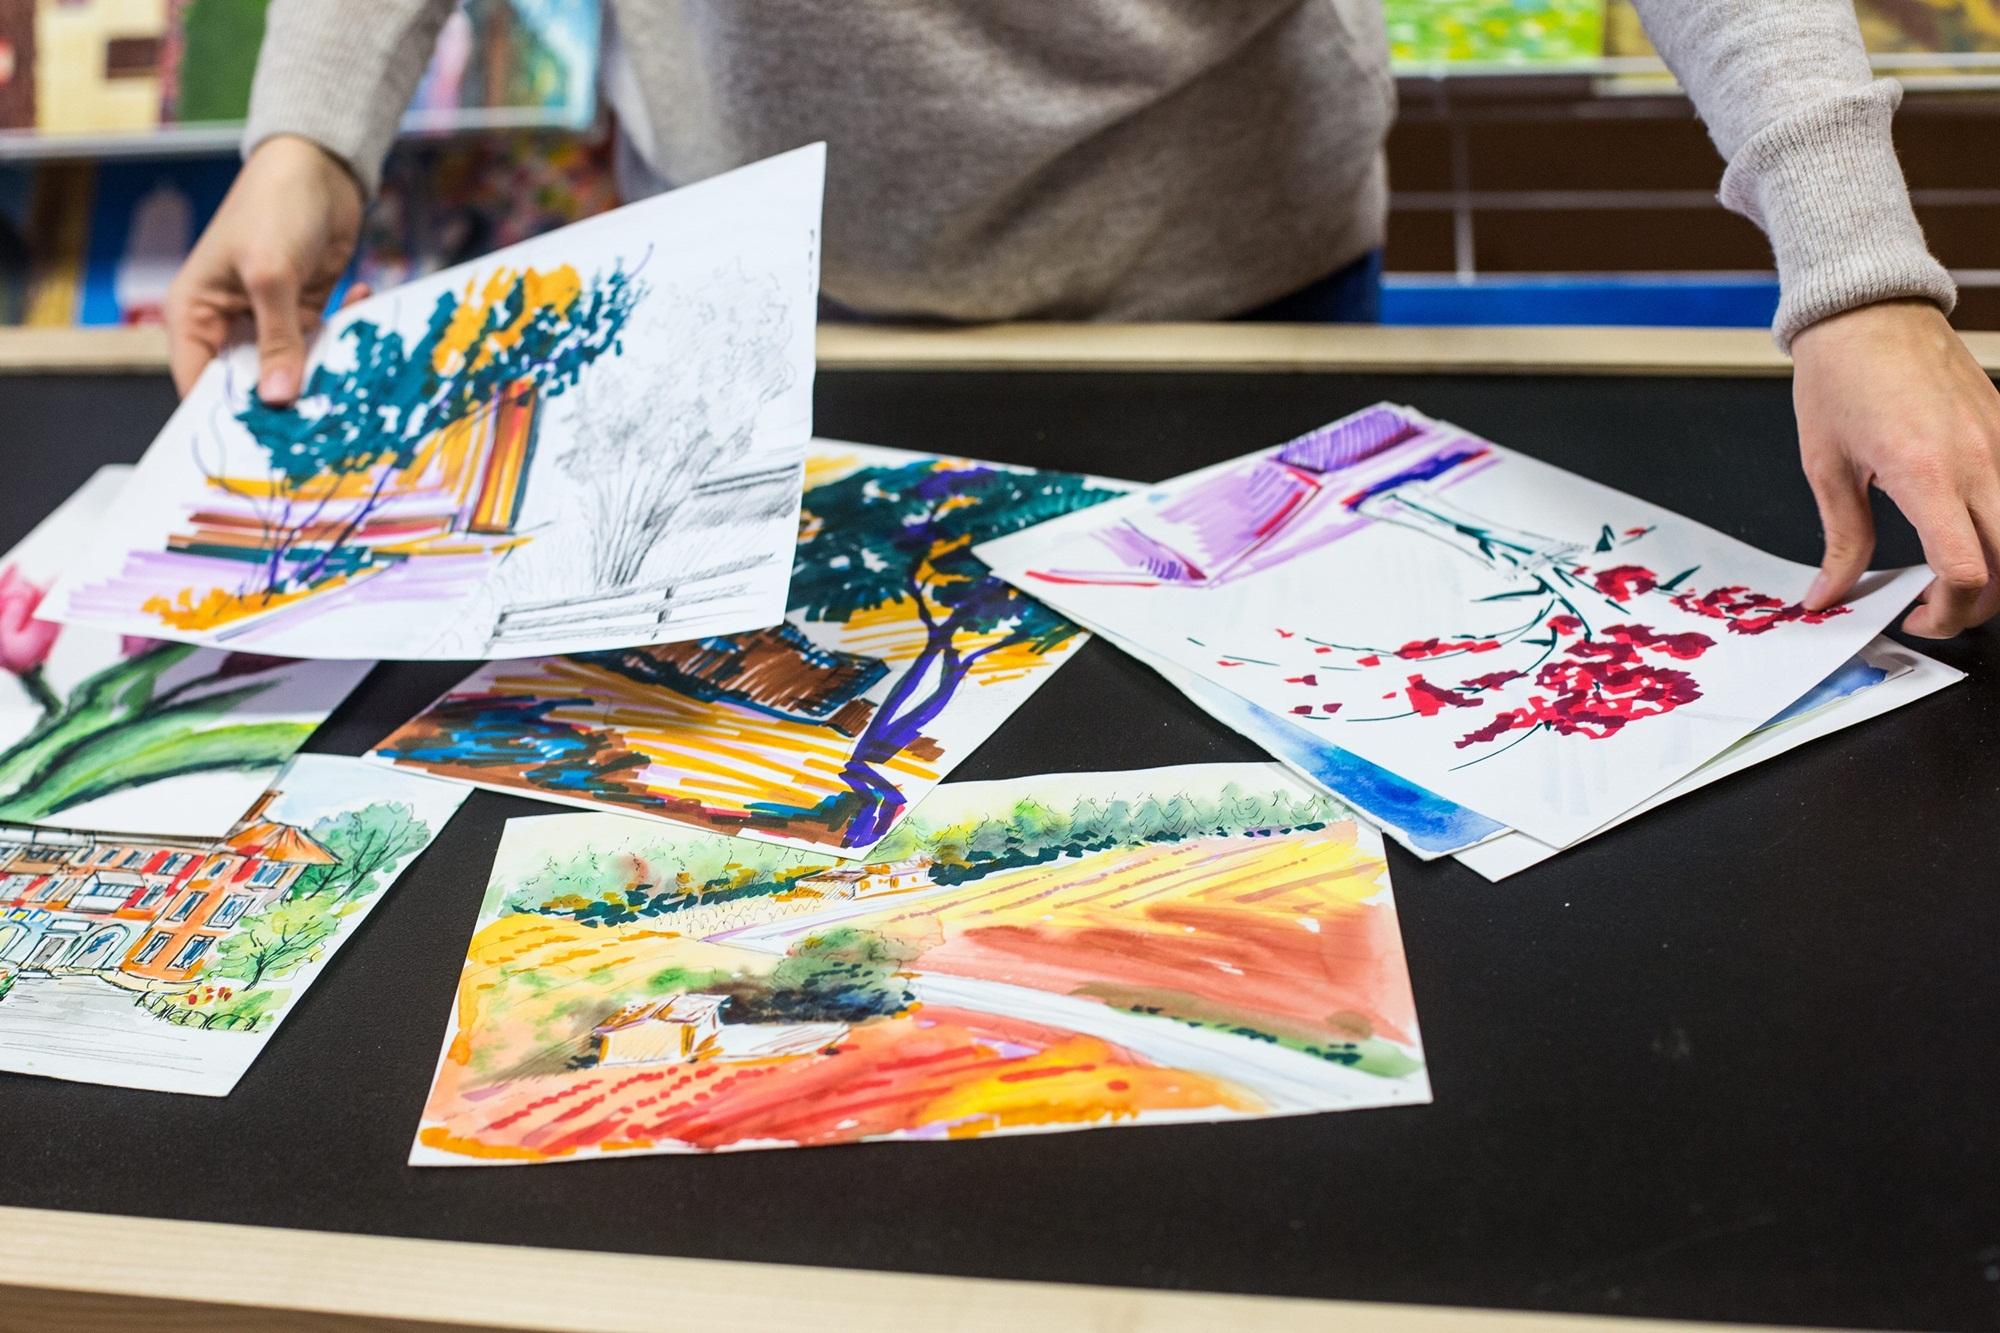 Секреты мастеров: как работает арт-студия «Ліхтарик» в Киеве